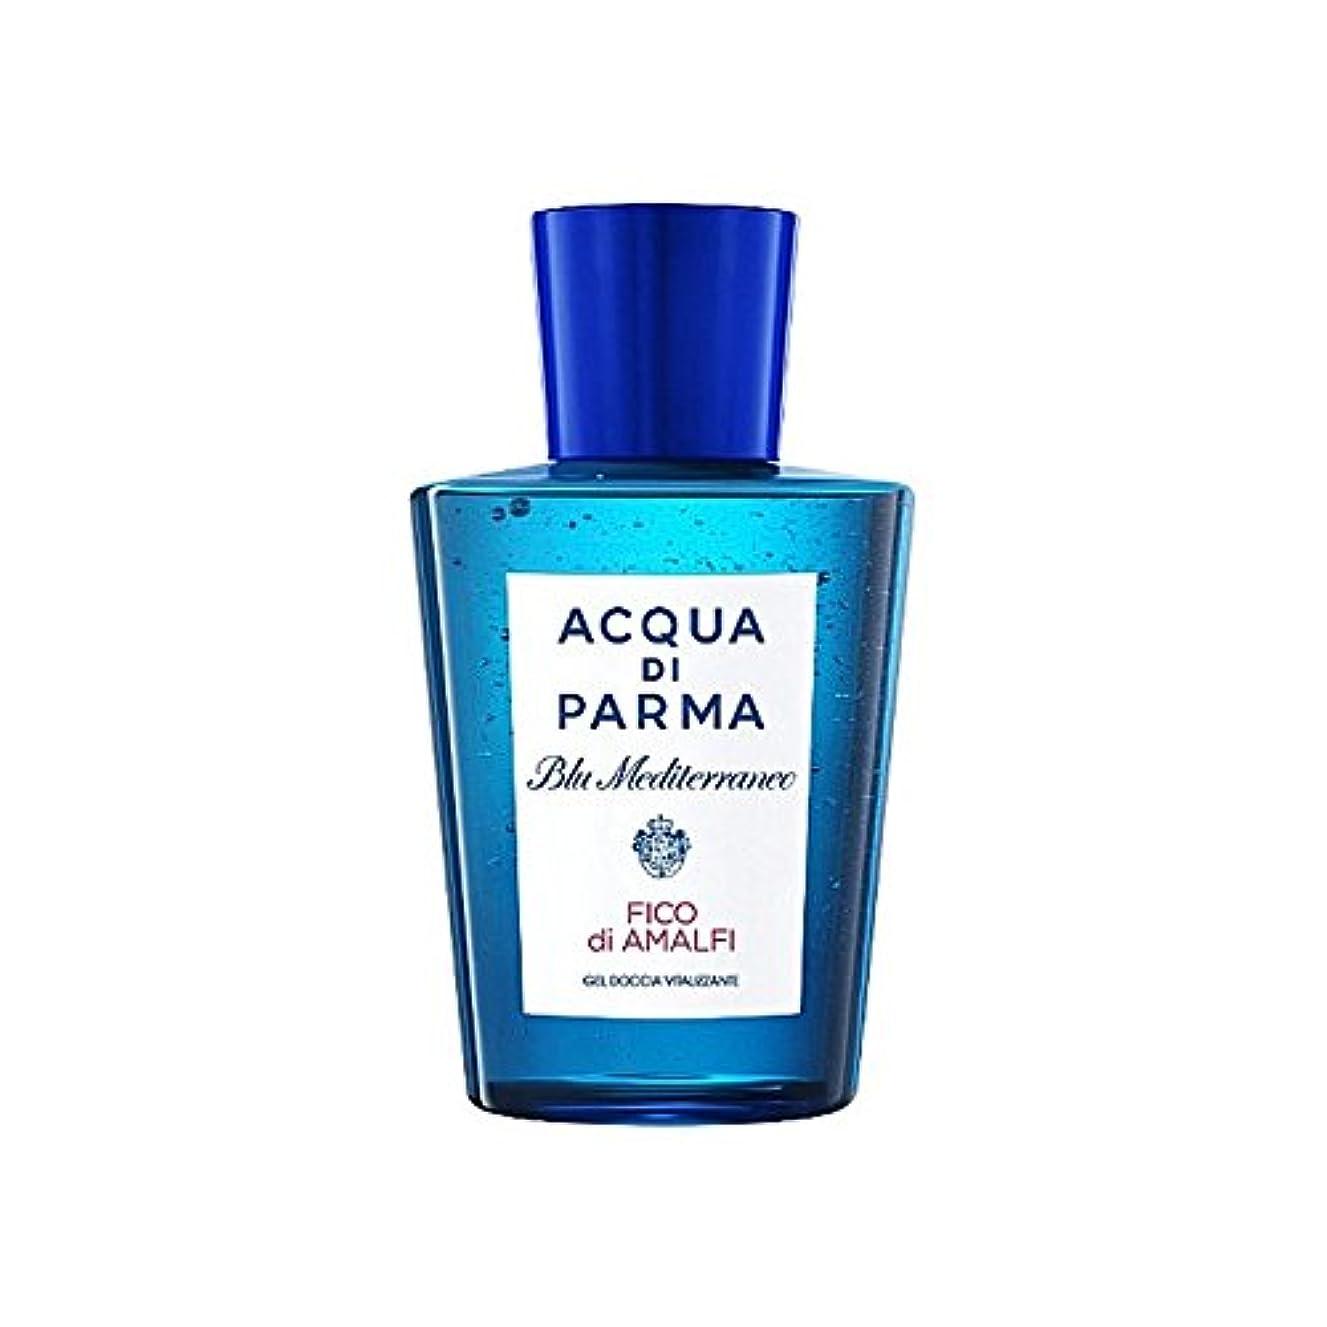 活気づける定義有限Acqua Di Parma Blu Mediterraneo Fico Di Amalfi Shower Gel 200ml - アクアディパルマブルーメディジアマルフィシャワージェル200 [並行輸入品]